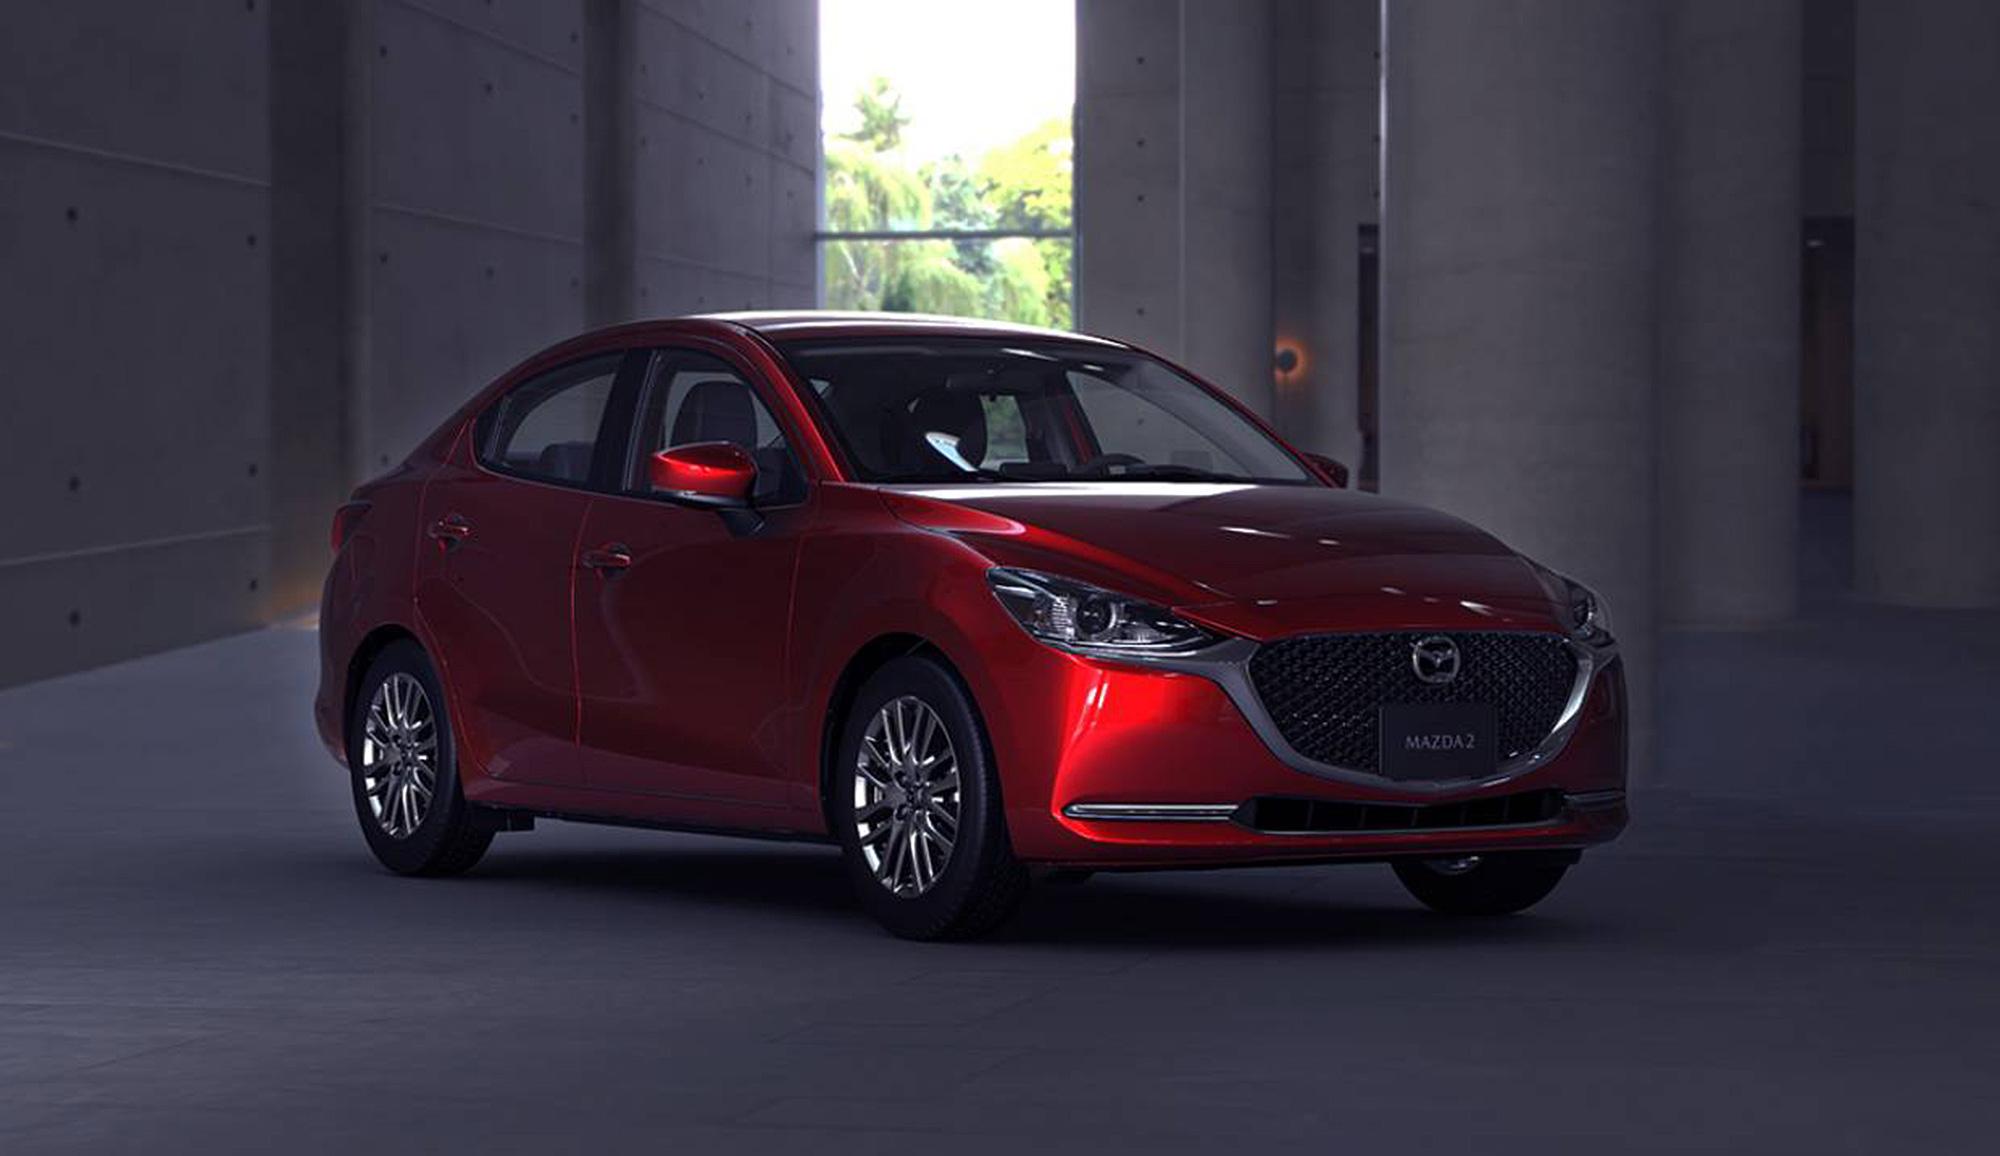 Mazda2 Sedan 小改款外觀修飾與 Mazda2 掀背車型採用相同走向。